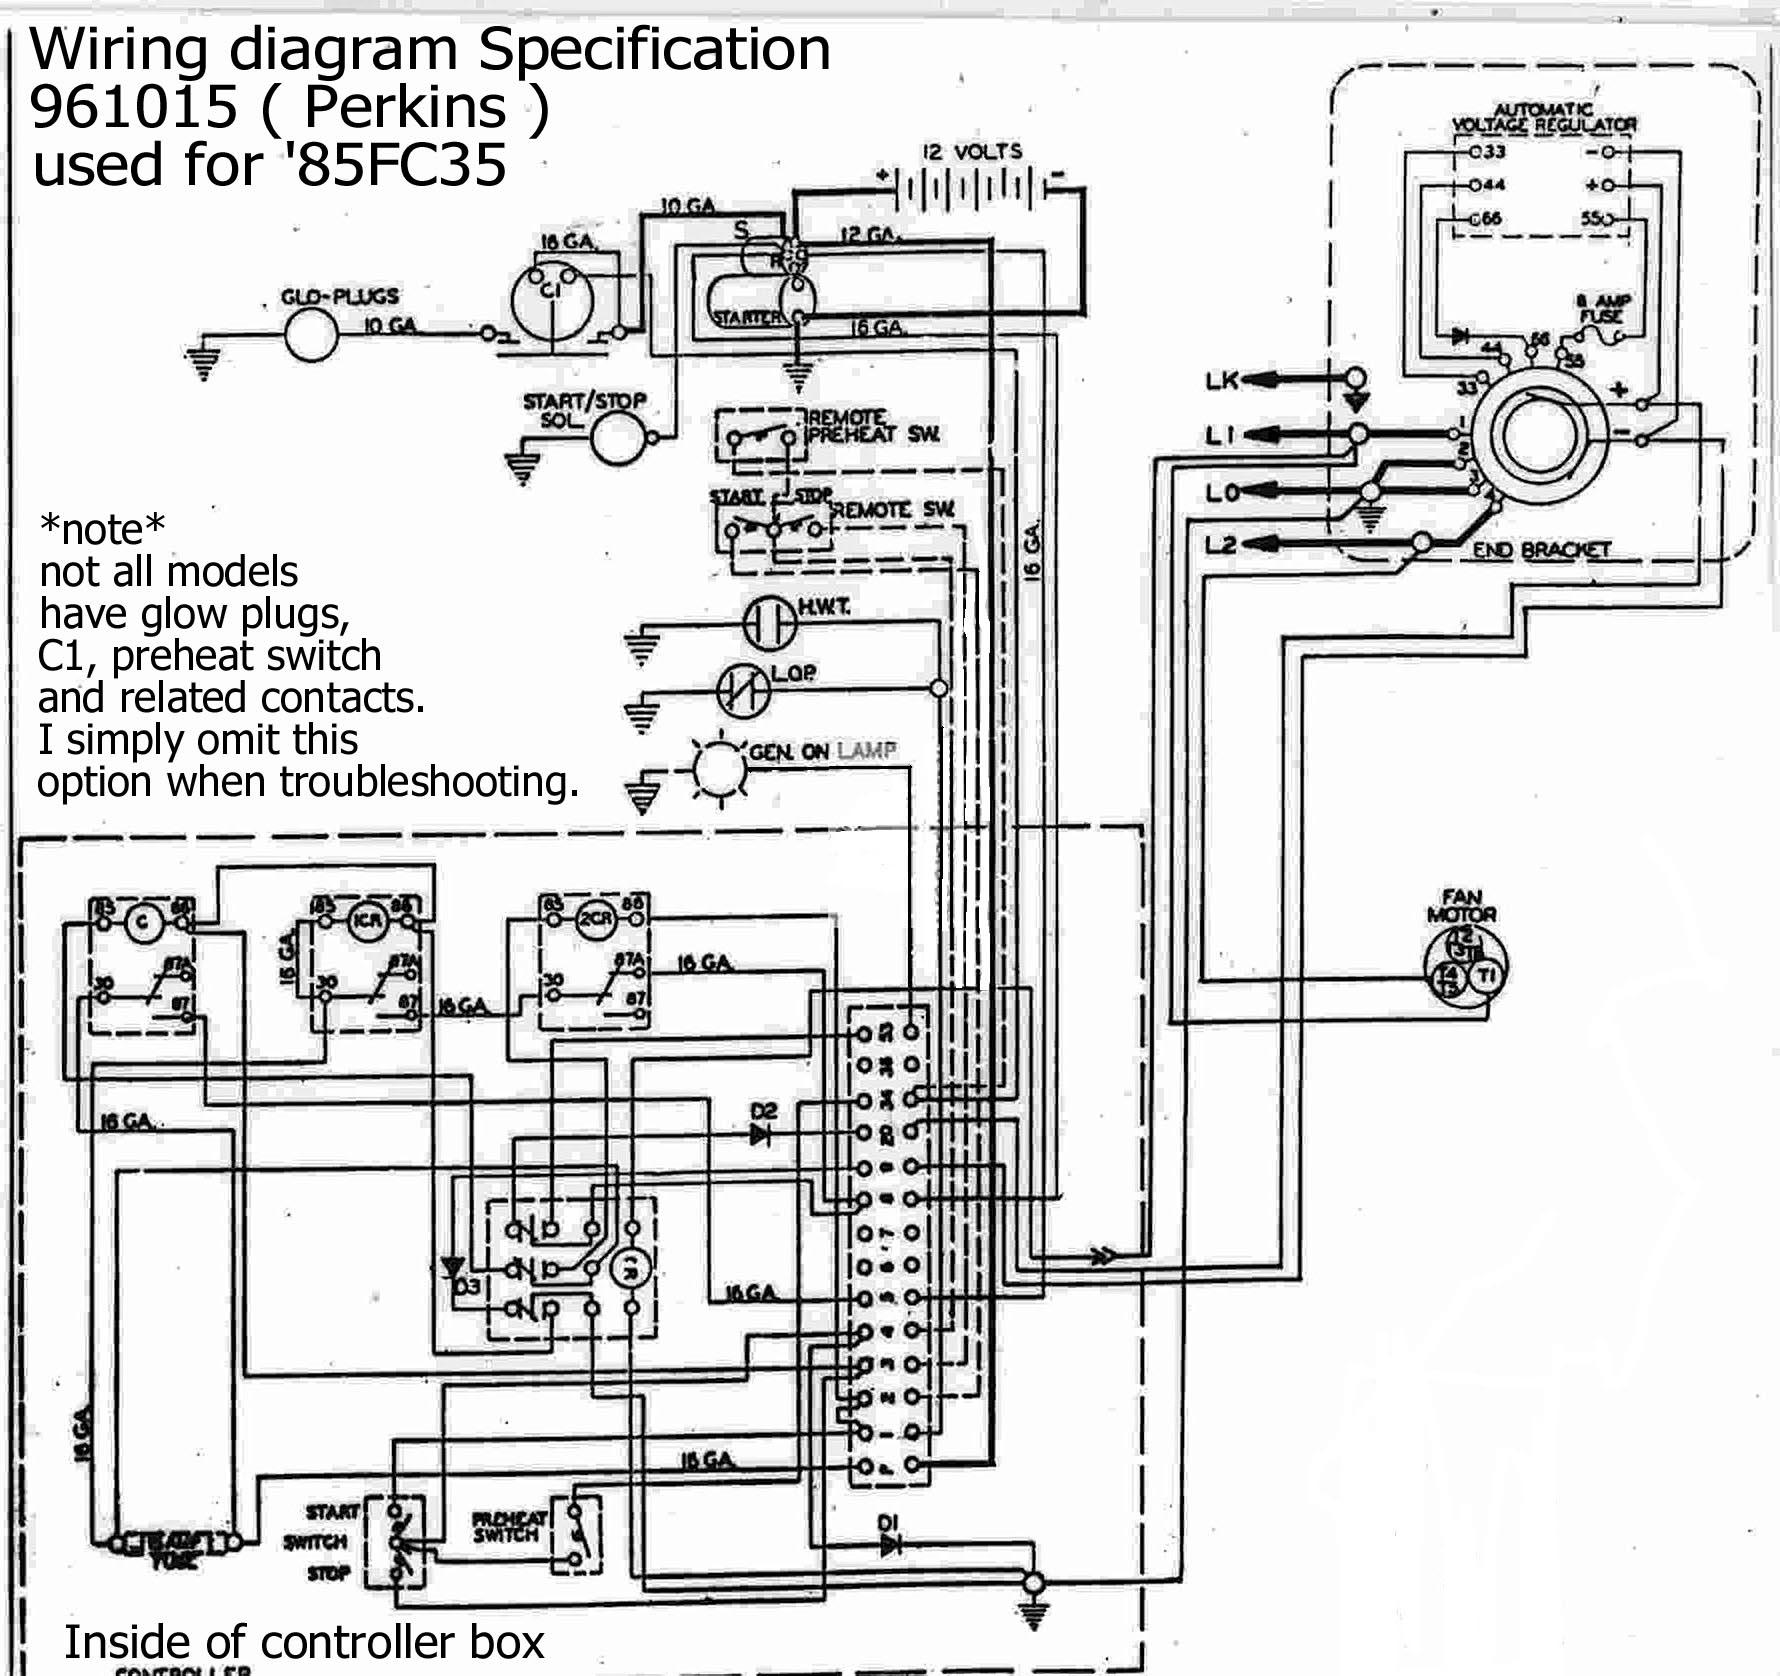 20 hp kohler generator wiring diagram free picture 20 hp kohler generator wiring diagram free download